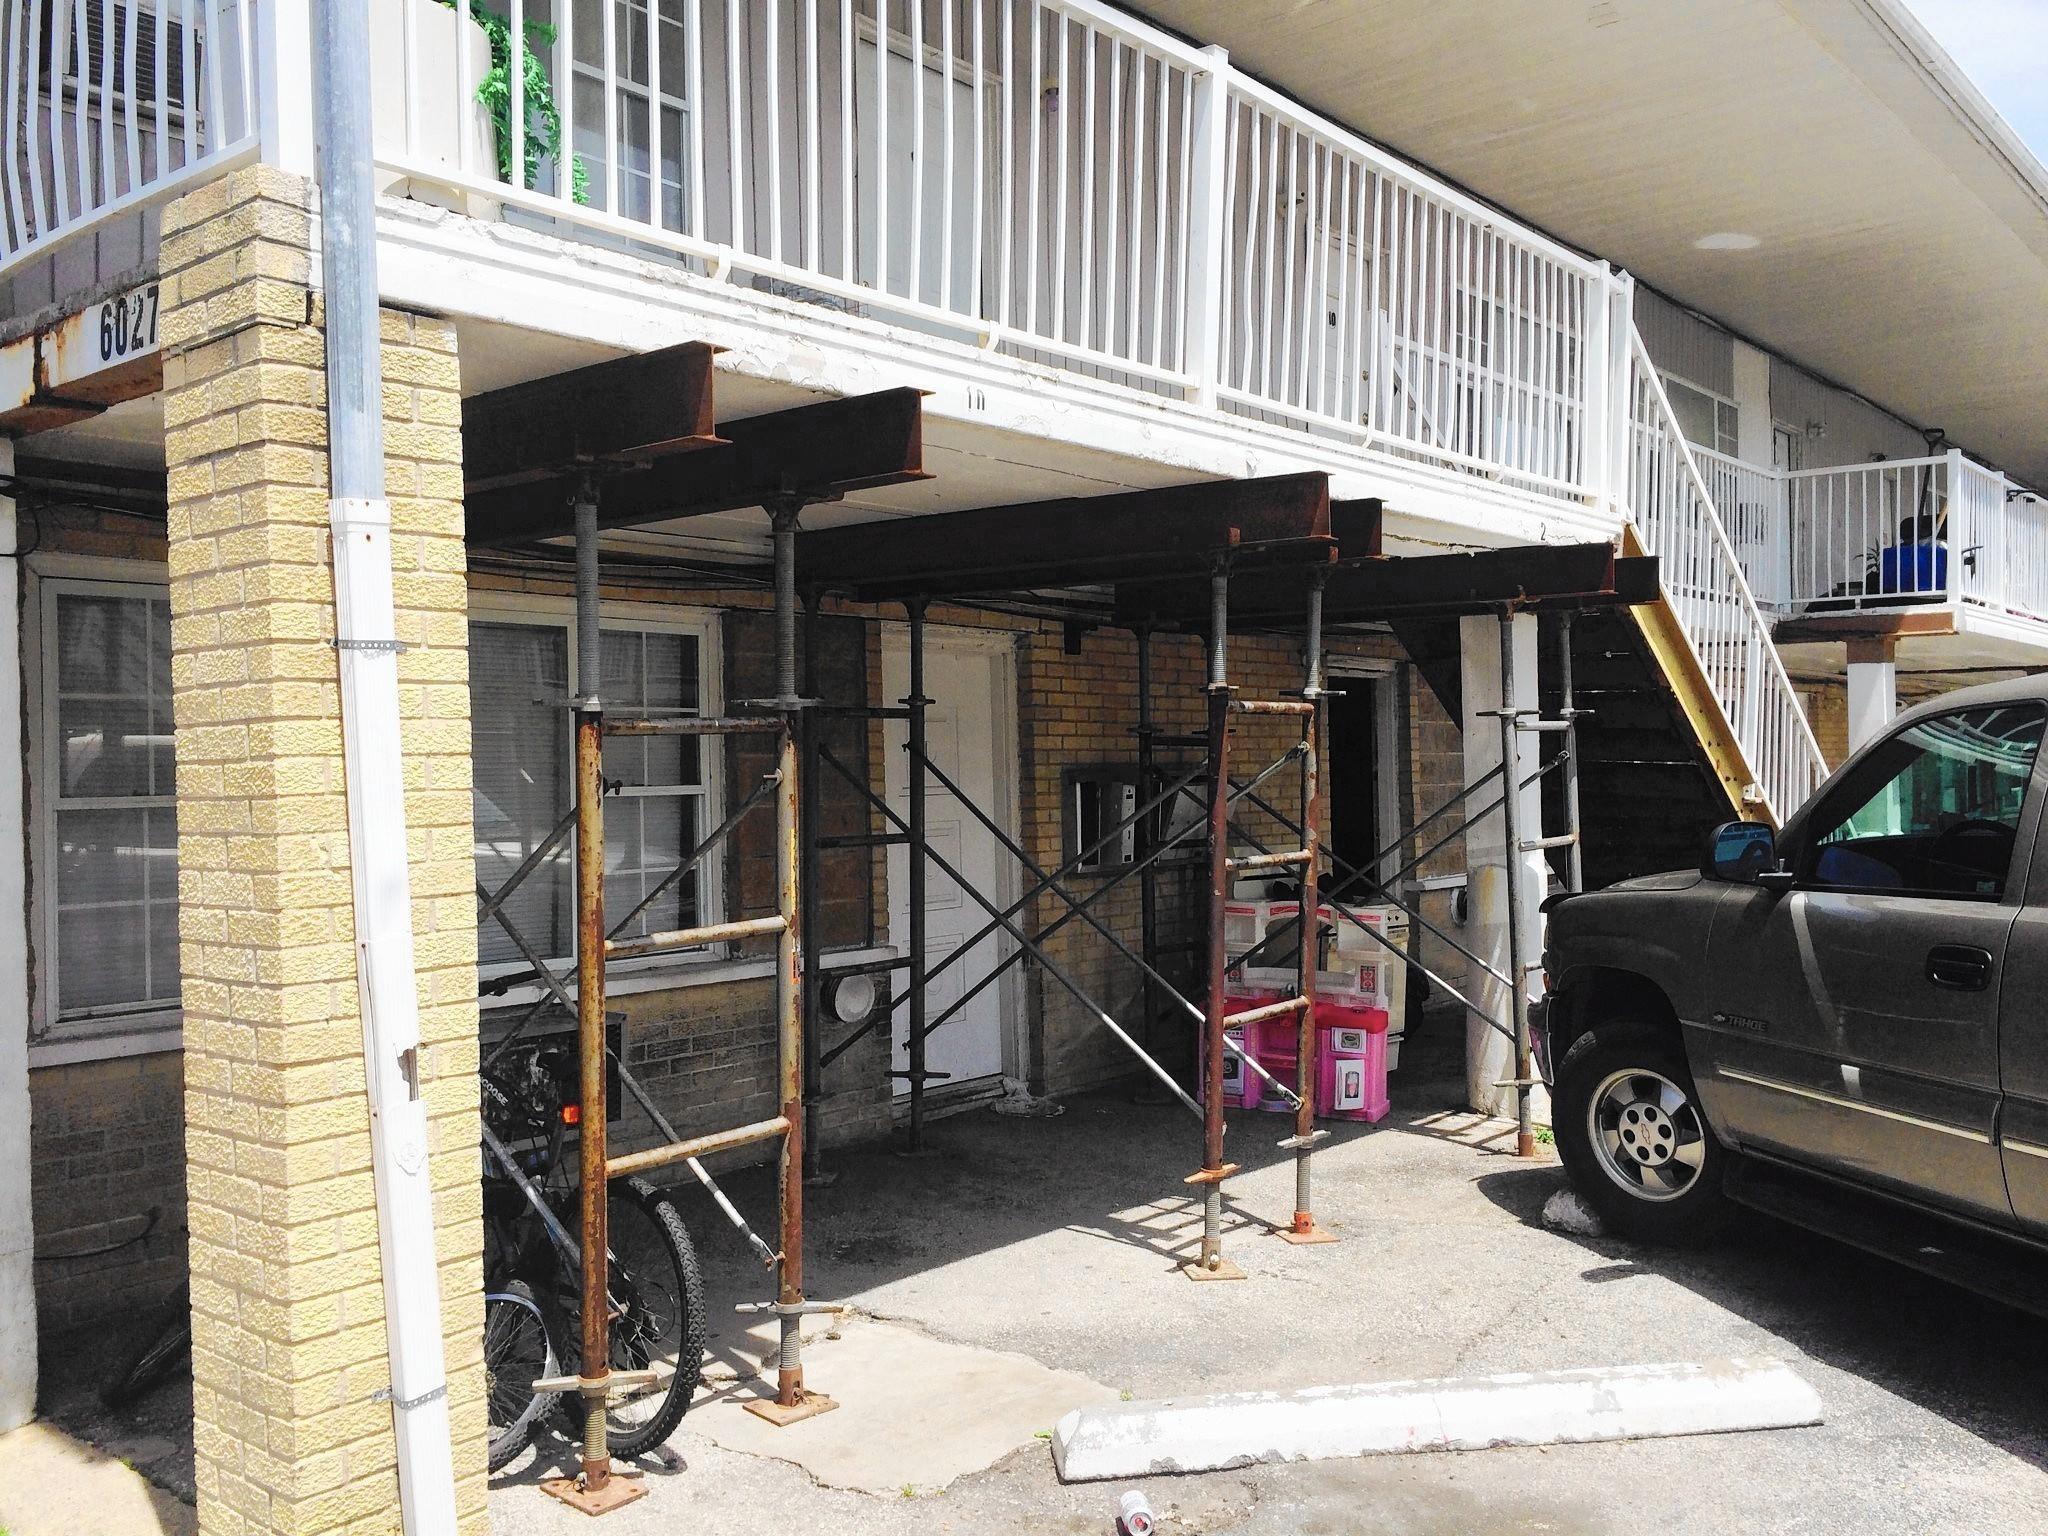 ct-dlg-lenzi-apartments-demolition-tl-0609-20160602